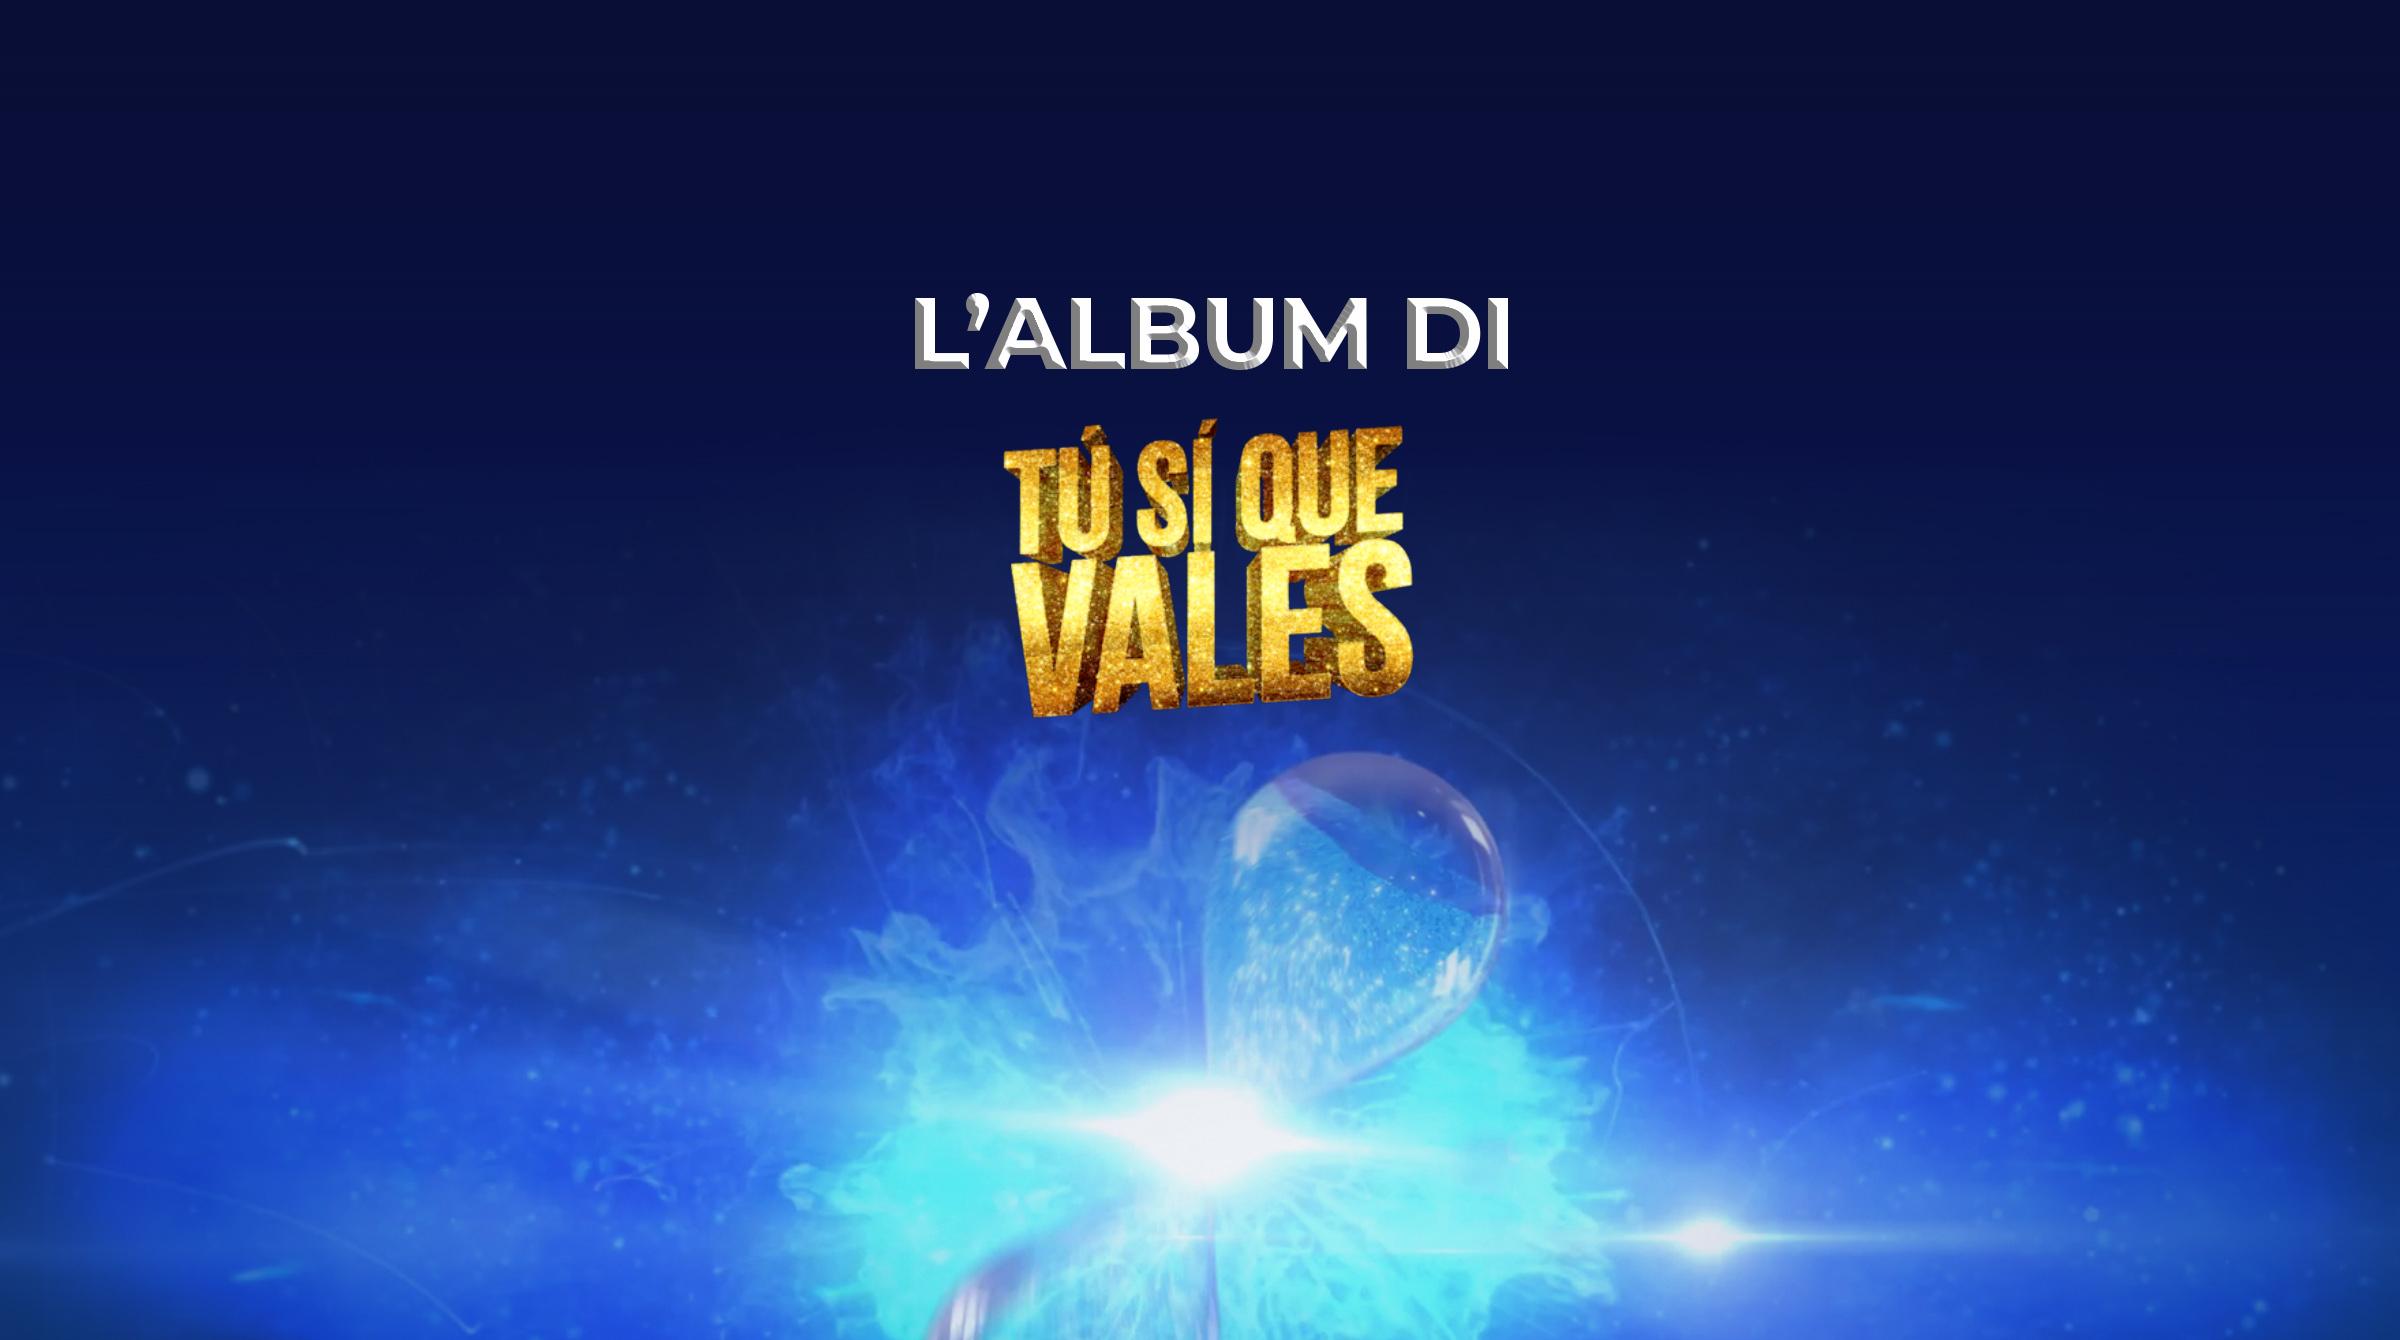 album-tusiquevales-20dicembre